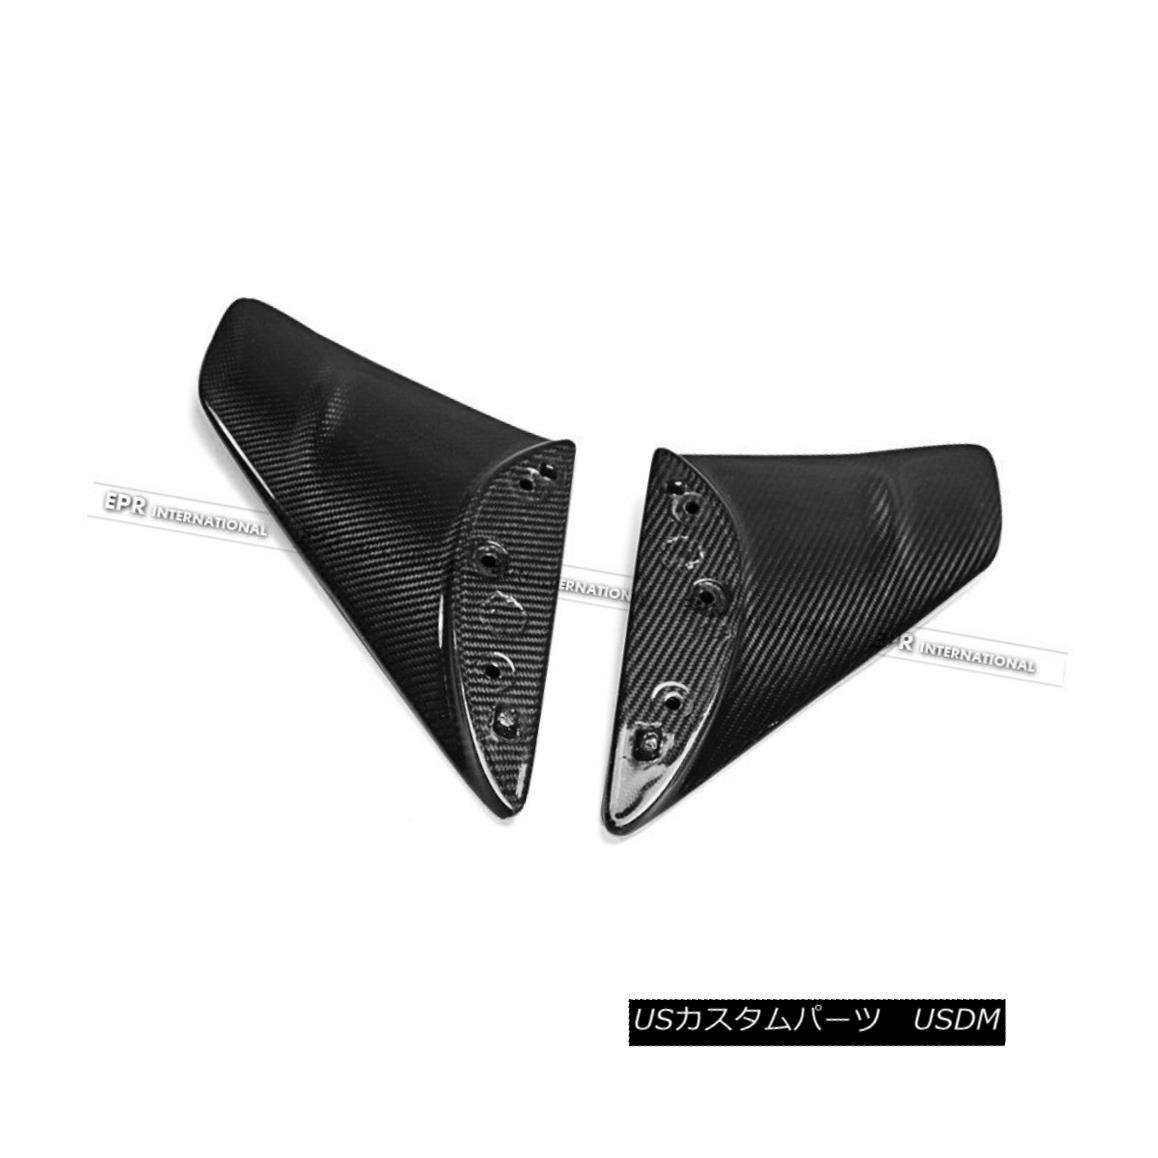 エアロパーツ Rear Spoiler Legs 2Pcs For Nissan Skyline R35 GTR OE Style Carbon Fiber リアスポイラーレッグ2個(日産スカイラインR35 GTR OEスタイルカーボンファイバー用)